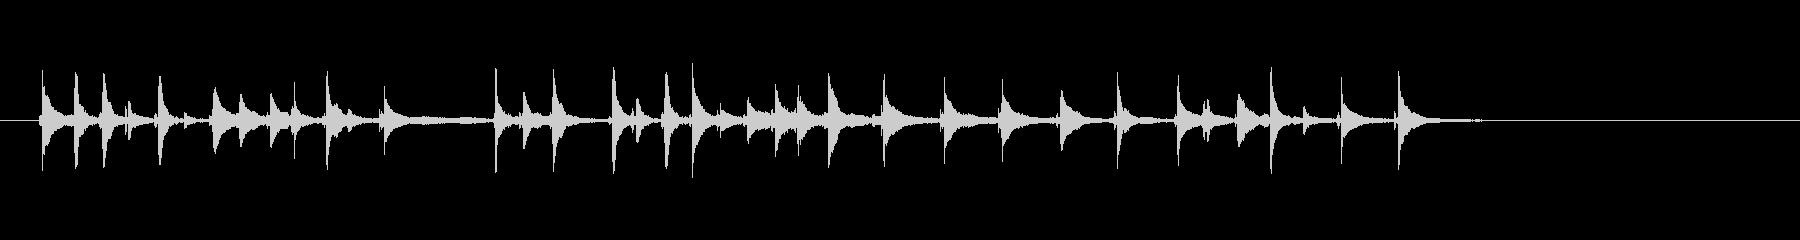 三味線46娘道成寺25日本式レビューショの未再生の波形